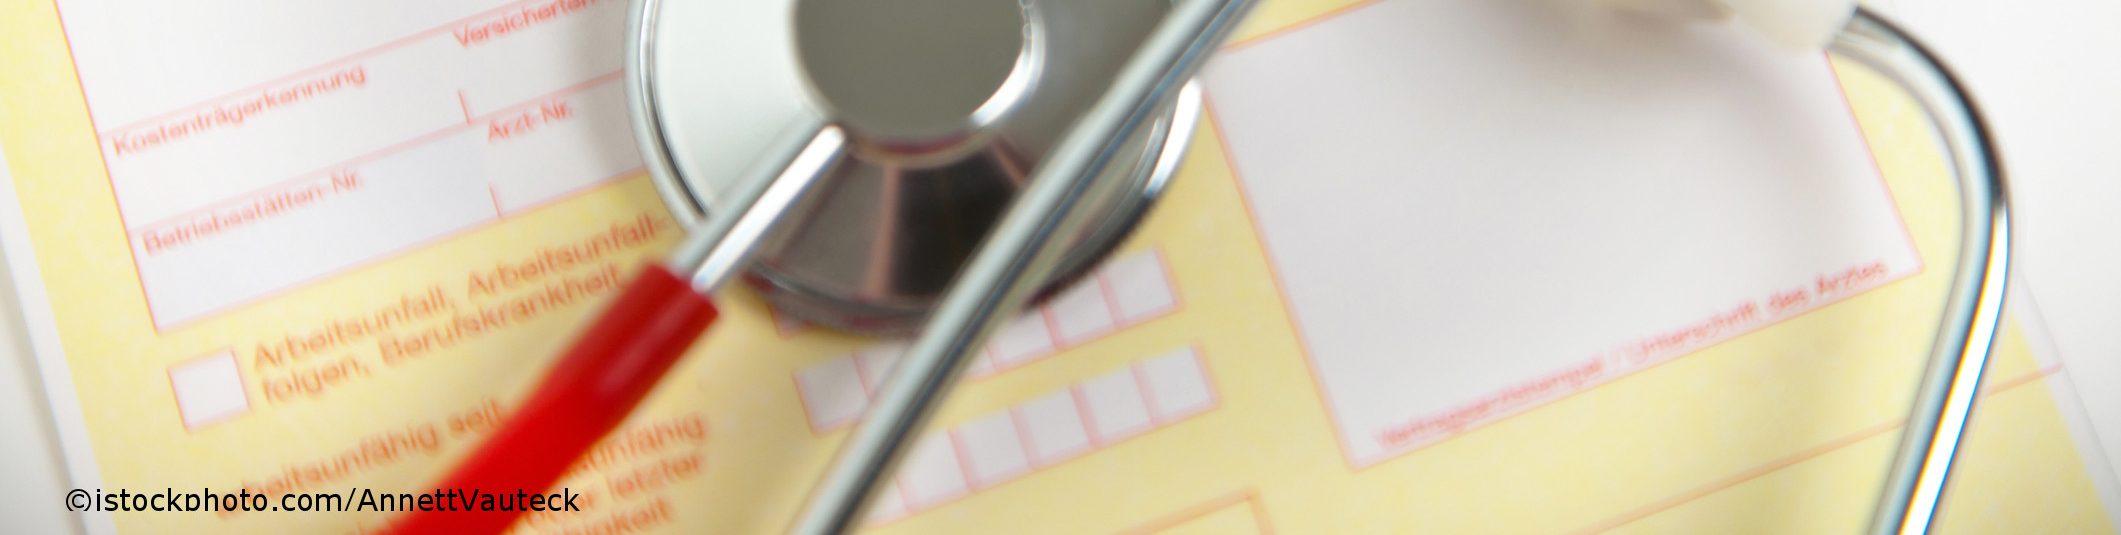 Im ICD-10 Diagnoseschlüssel steht A08 für virusbedingte und sonstige näher bezeichnete Darminfektionen.